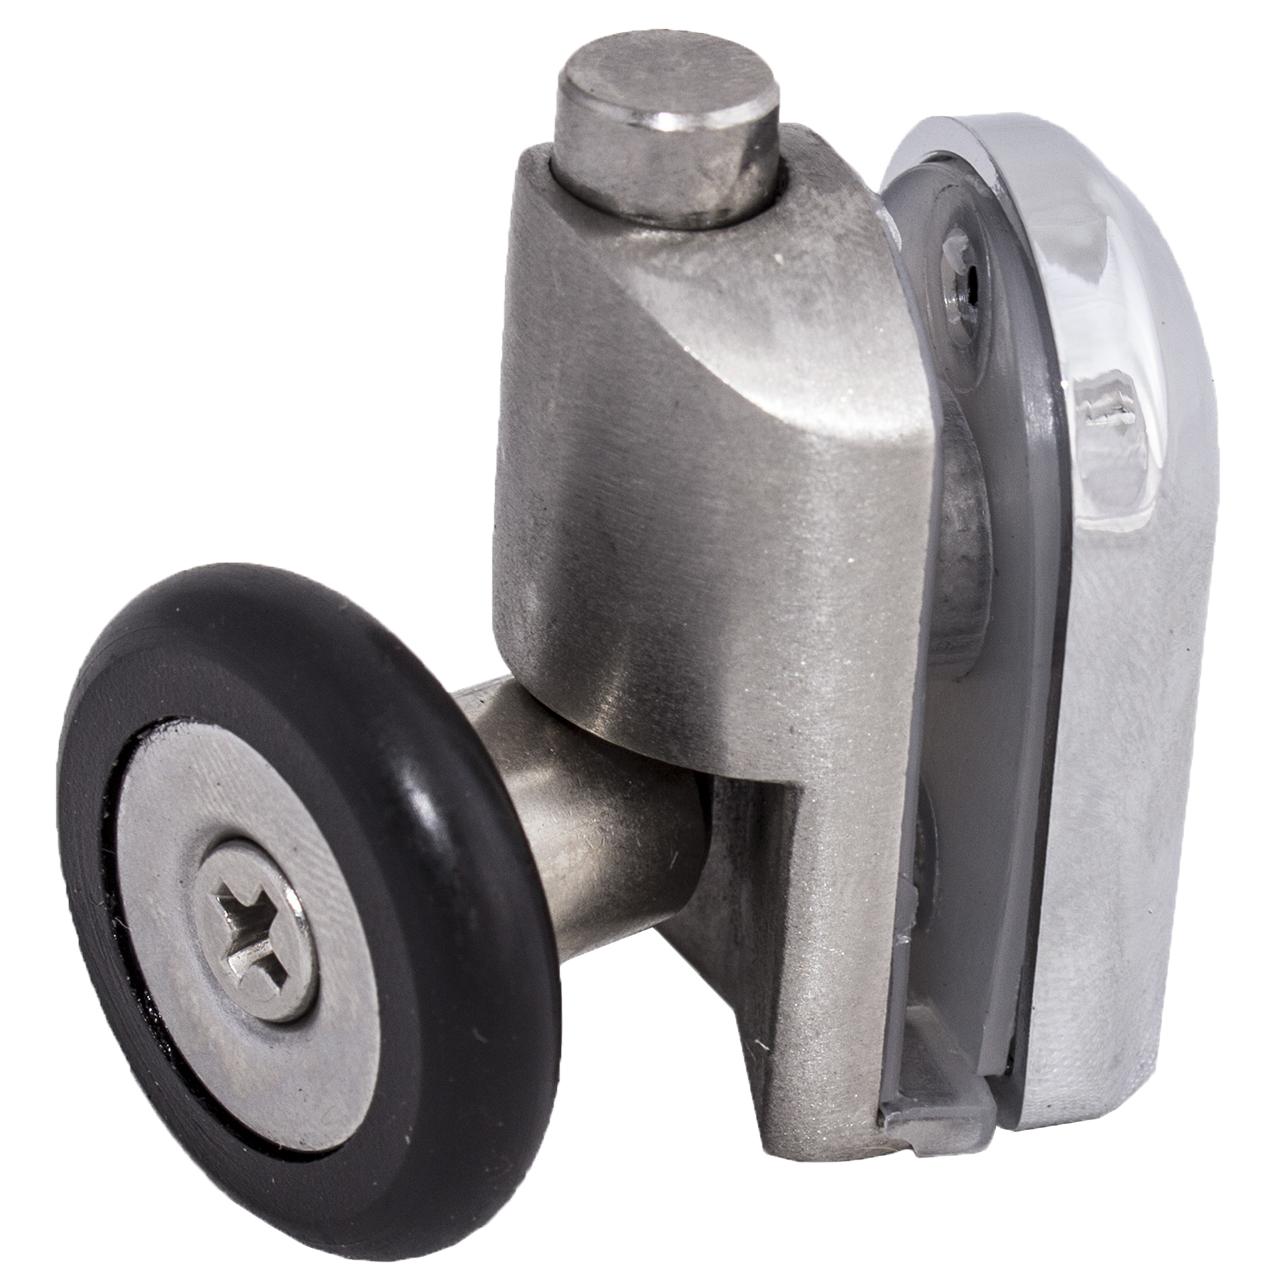 Ролик душової кабіни нижній, натискної, металевий ( N-43 А ) 28 мм